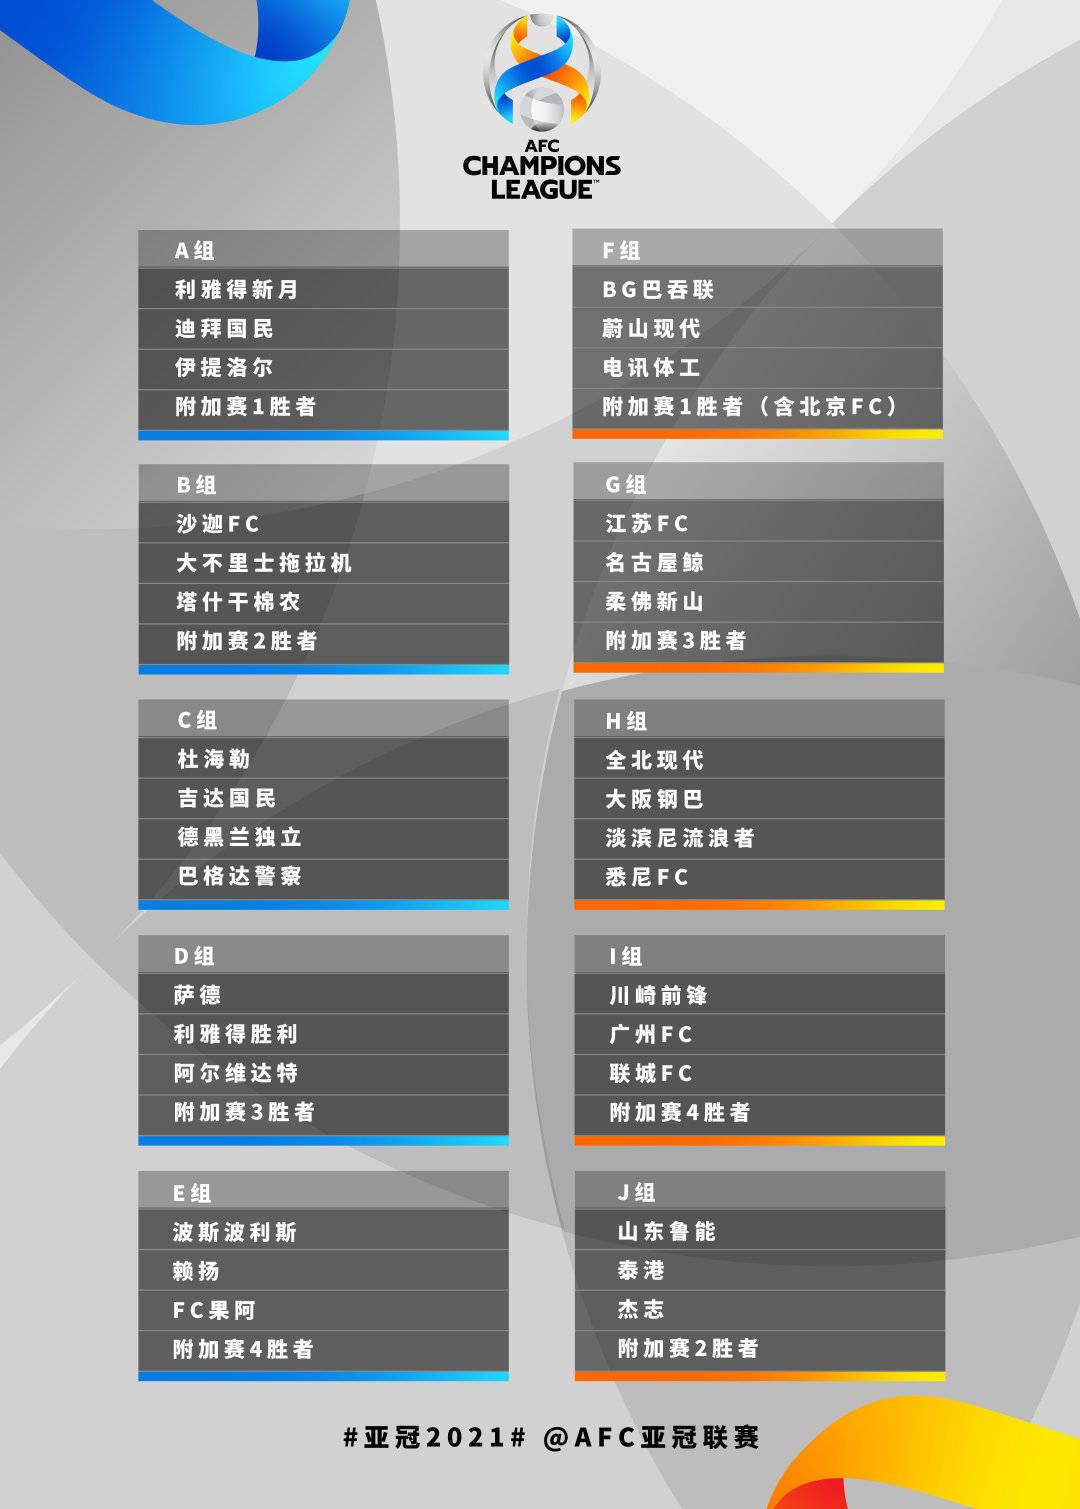 中超BIG4亚冠解析:四队同遇一难题 山东上上签江苏凶险(图3)